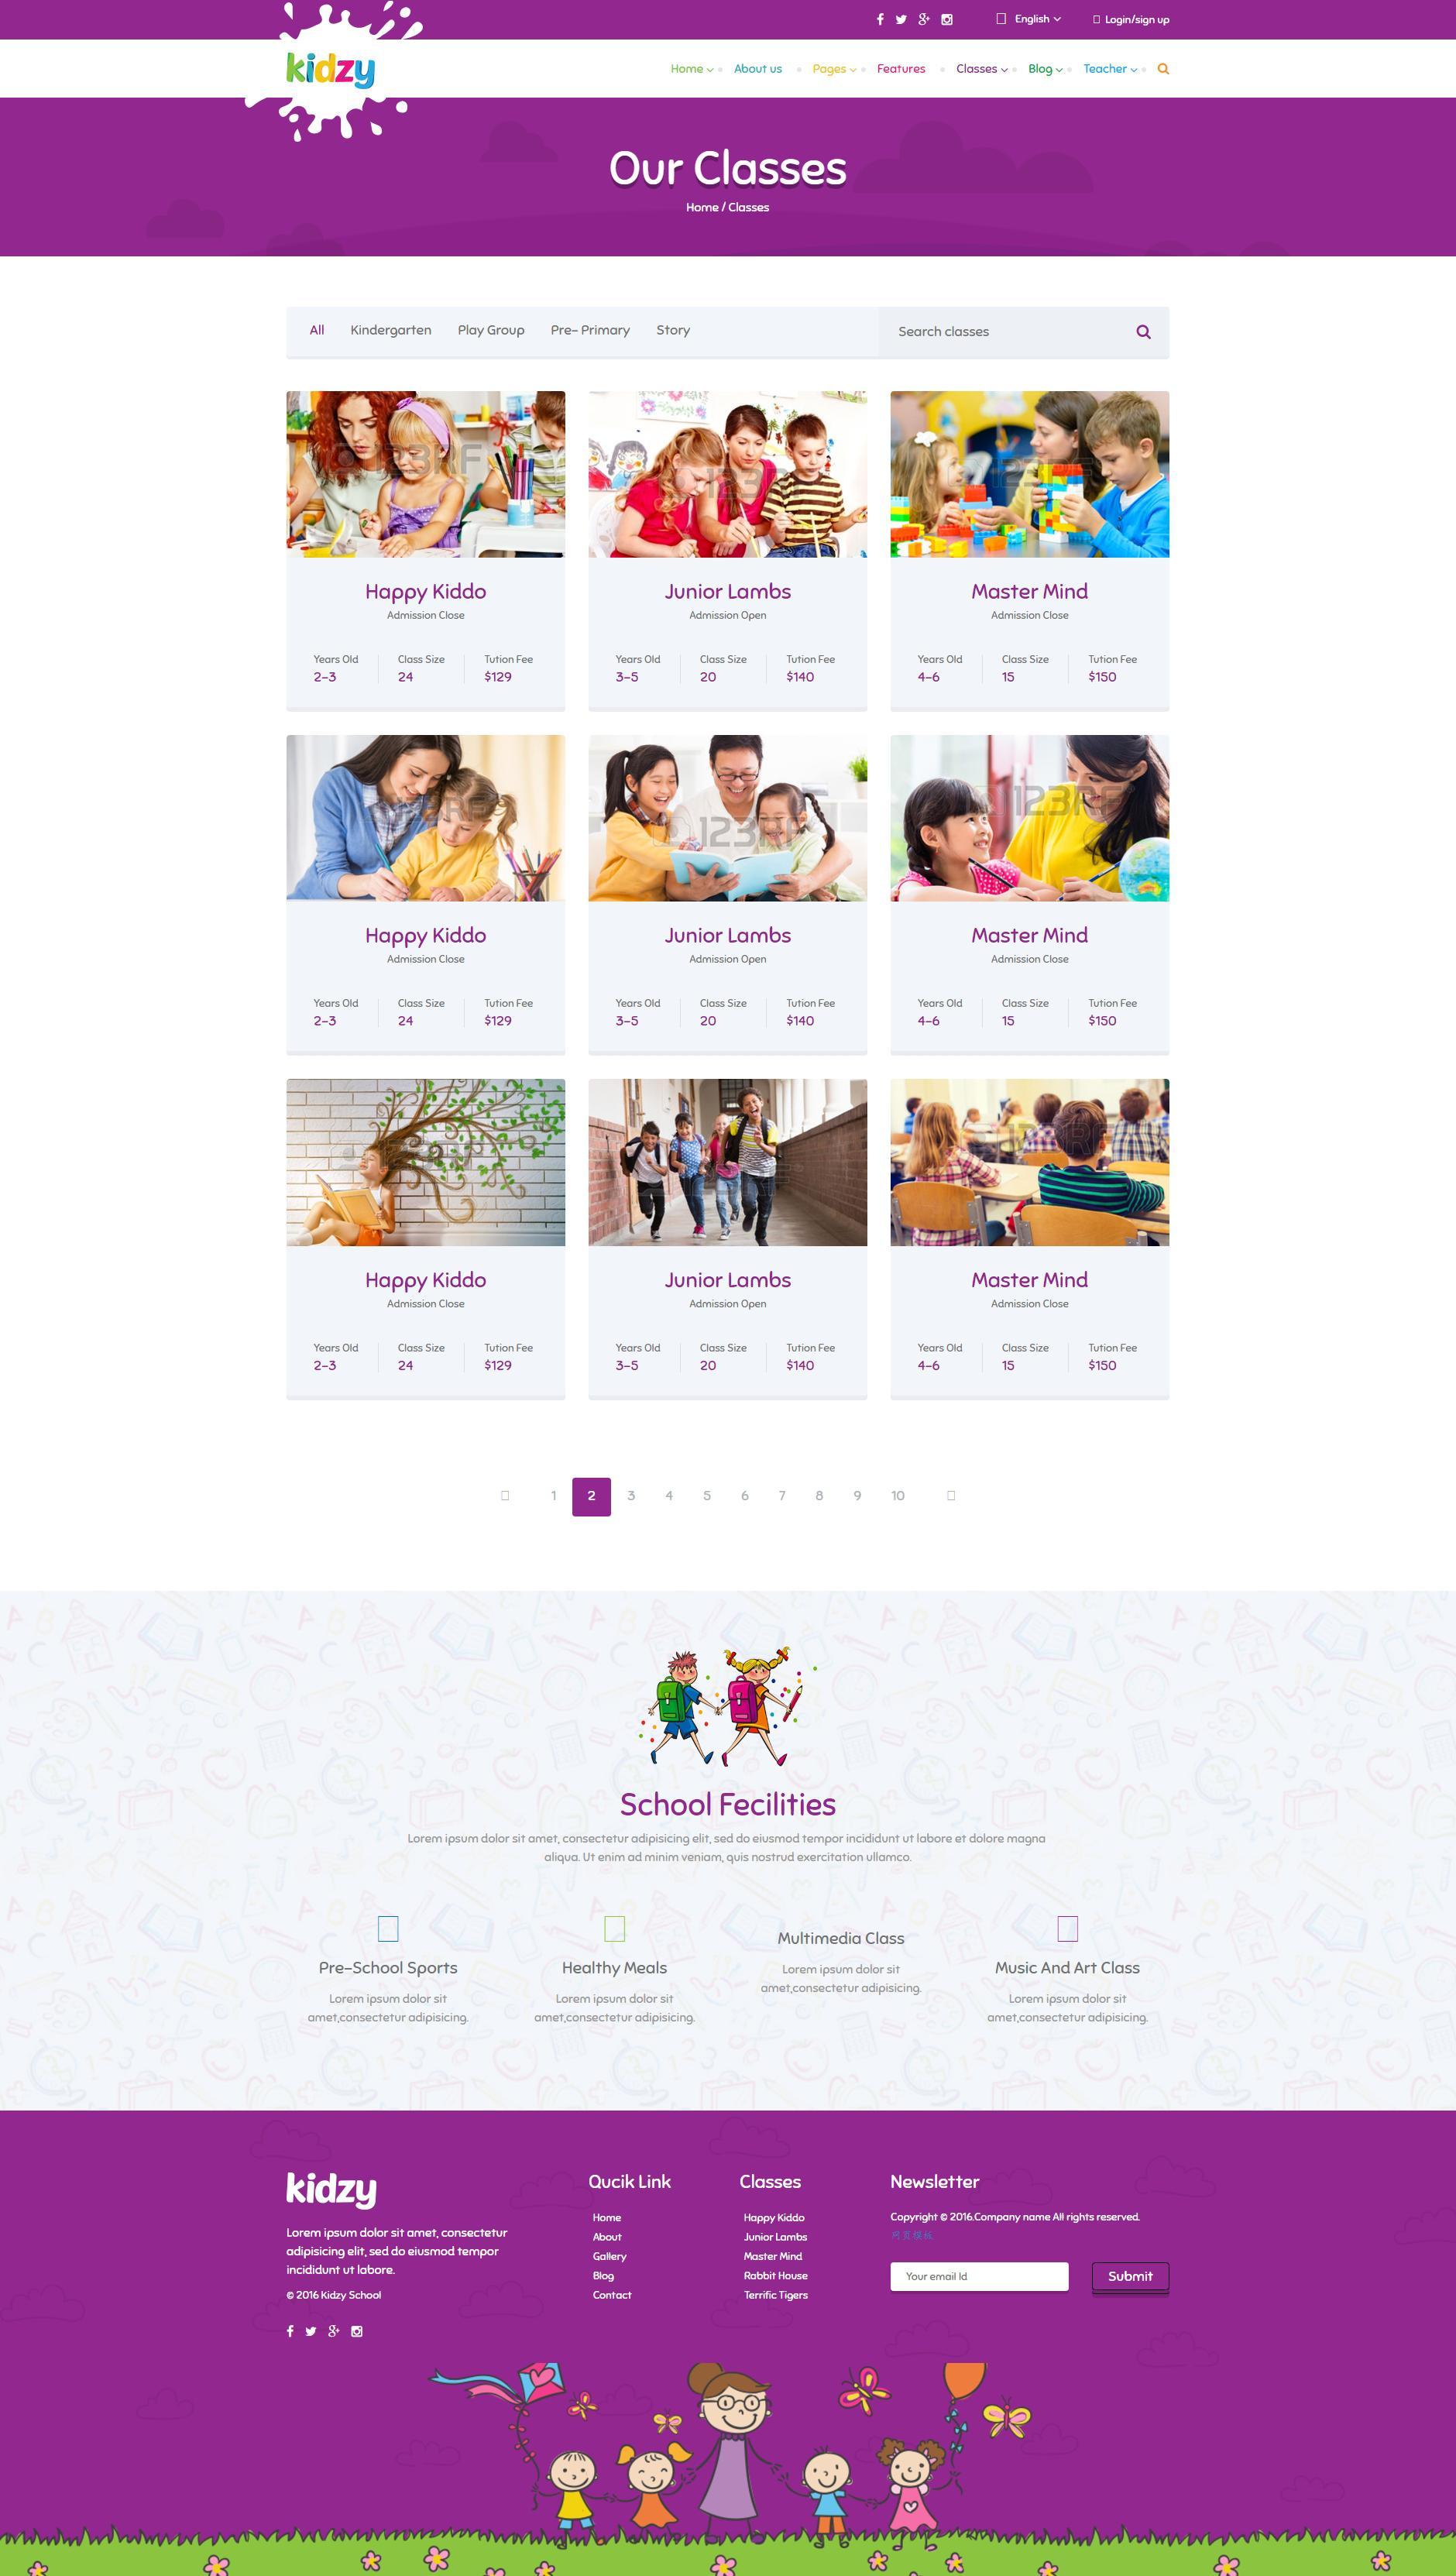 紫色卡通风格的儿童教育培训网站模板html下载